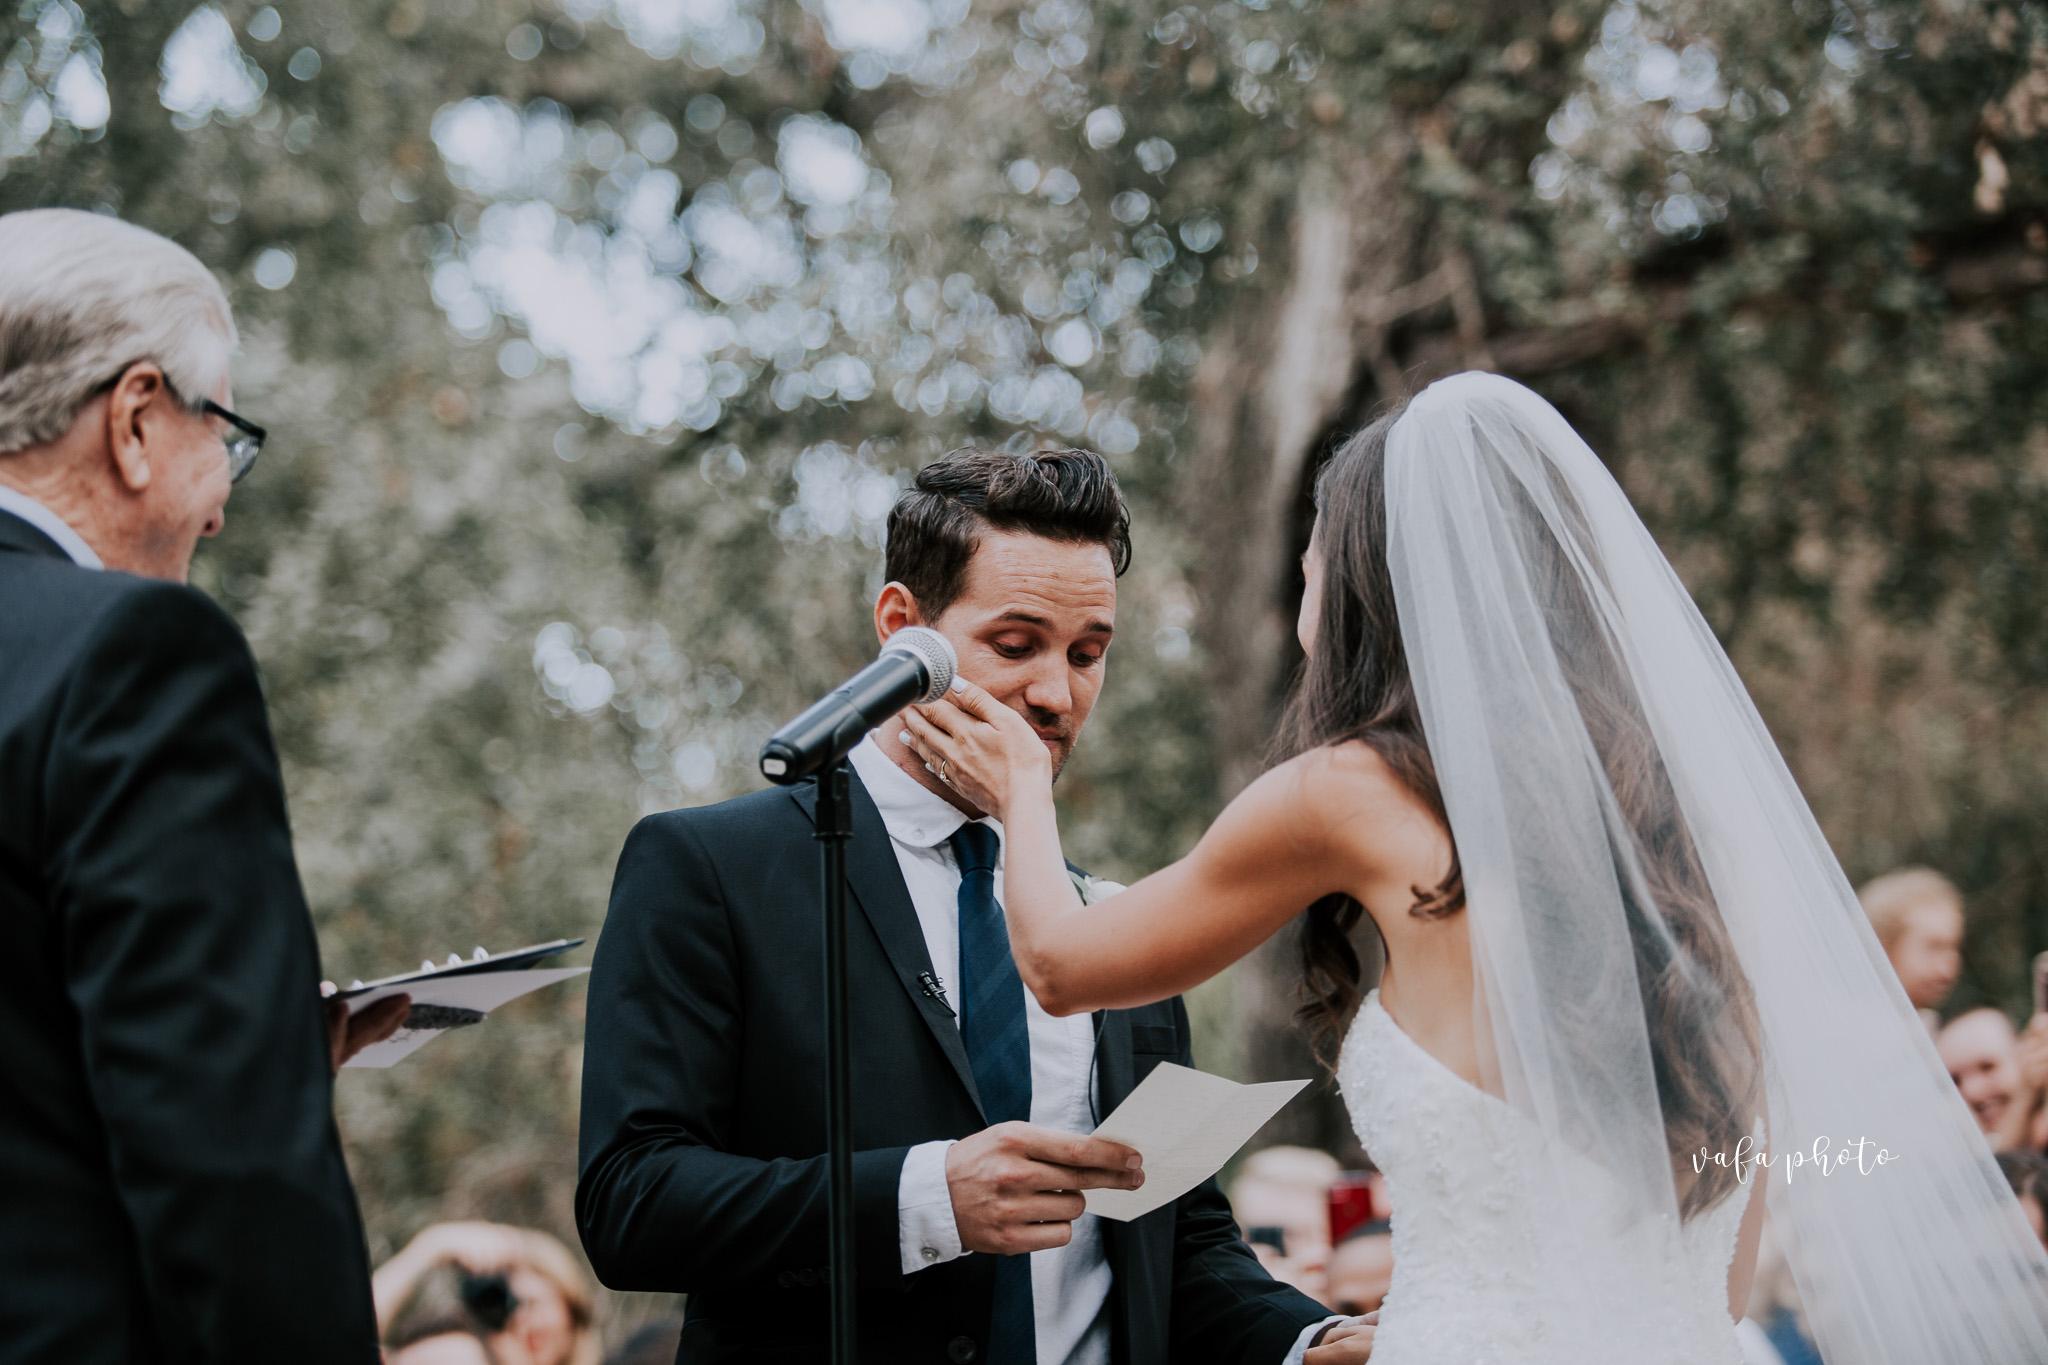 Southern-California-Wedding-Britt-Nilsson-Jeremy-Byrne-Vafa-Photo-456.jpg